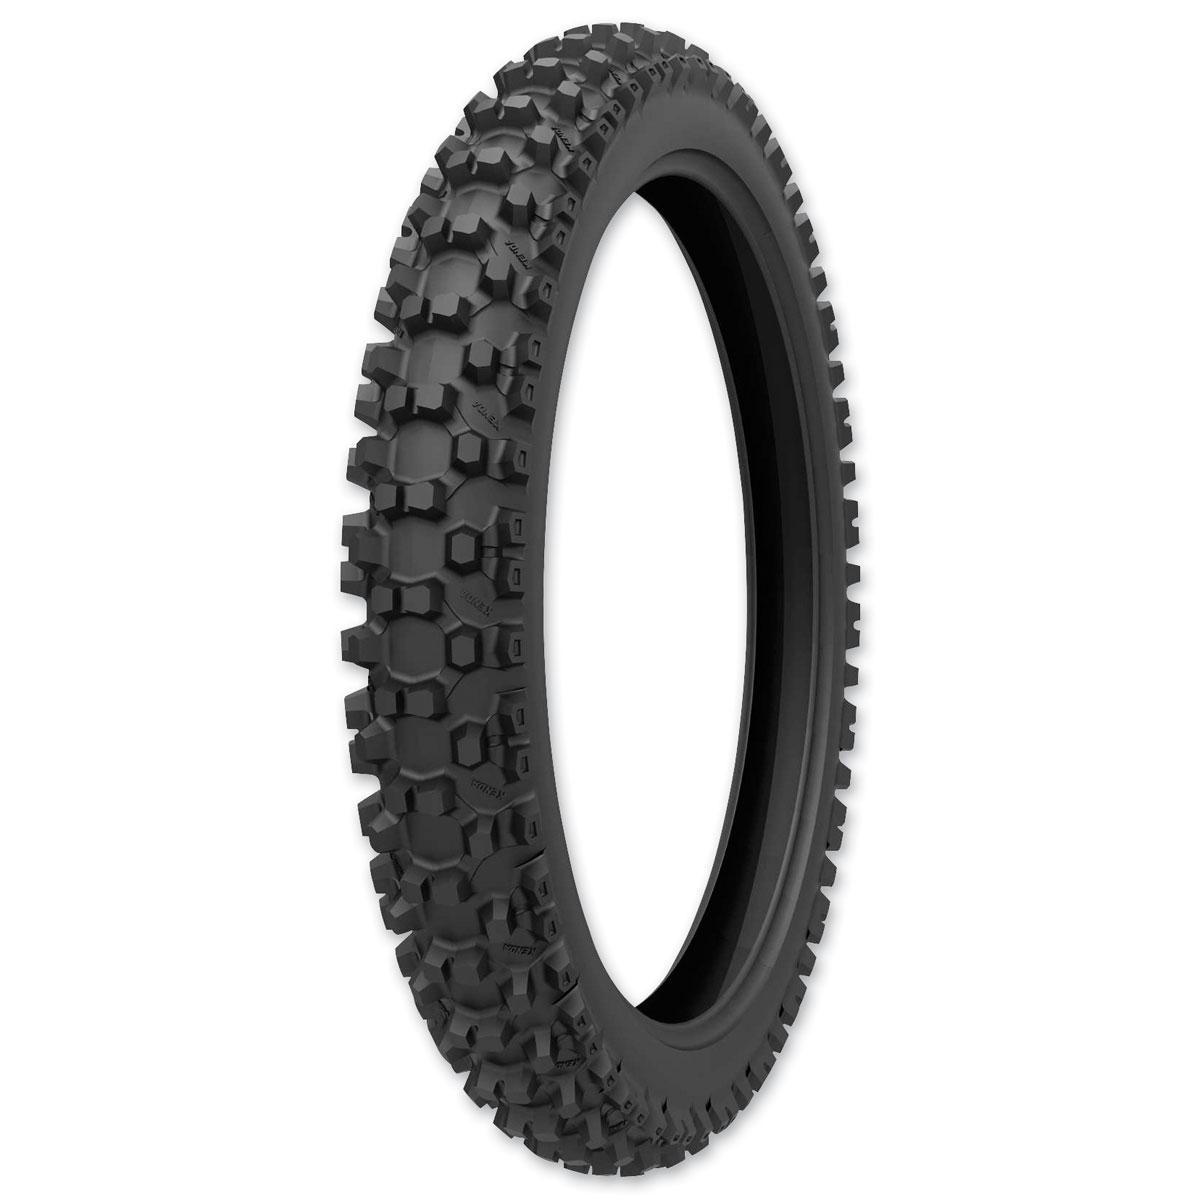 Kenda Tires K785 Millville II 90/100-21 Front Tire